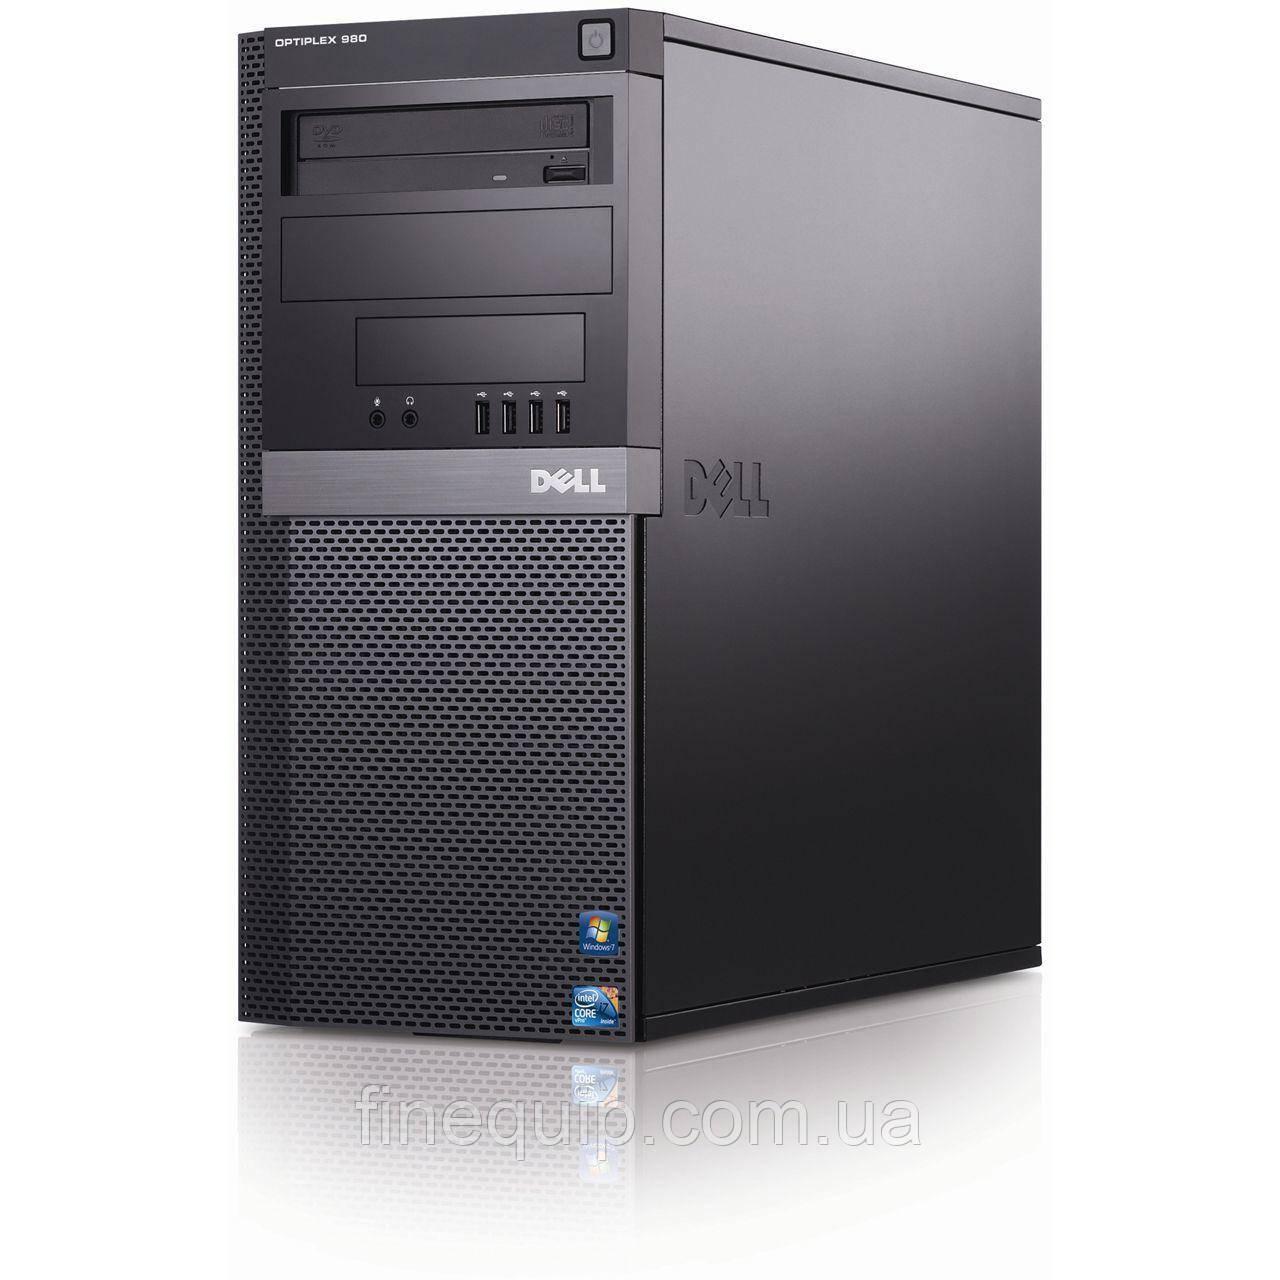 Системный блок Dell 980 Full-Tower-Intel-Core-i5-650-3.20GHz-8Gb-DDR3-HDD-500Gb-DVD-R- Б/У